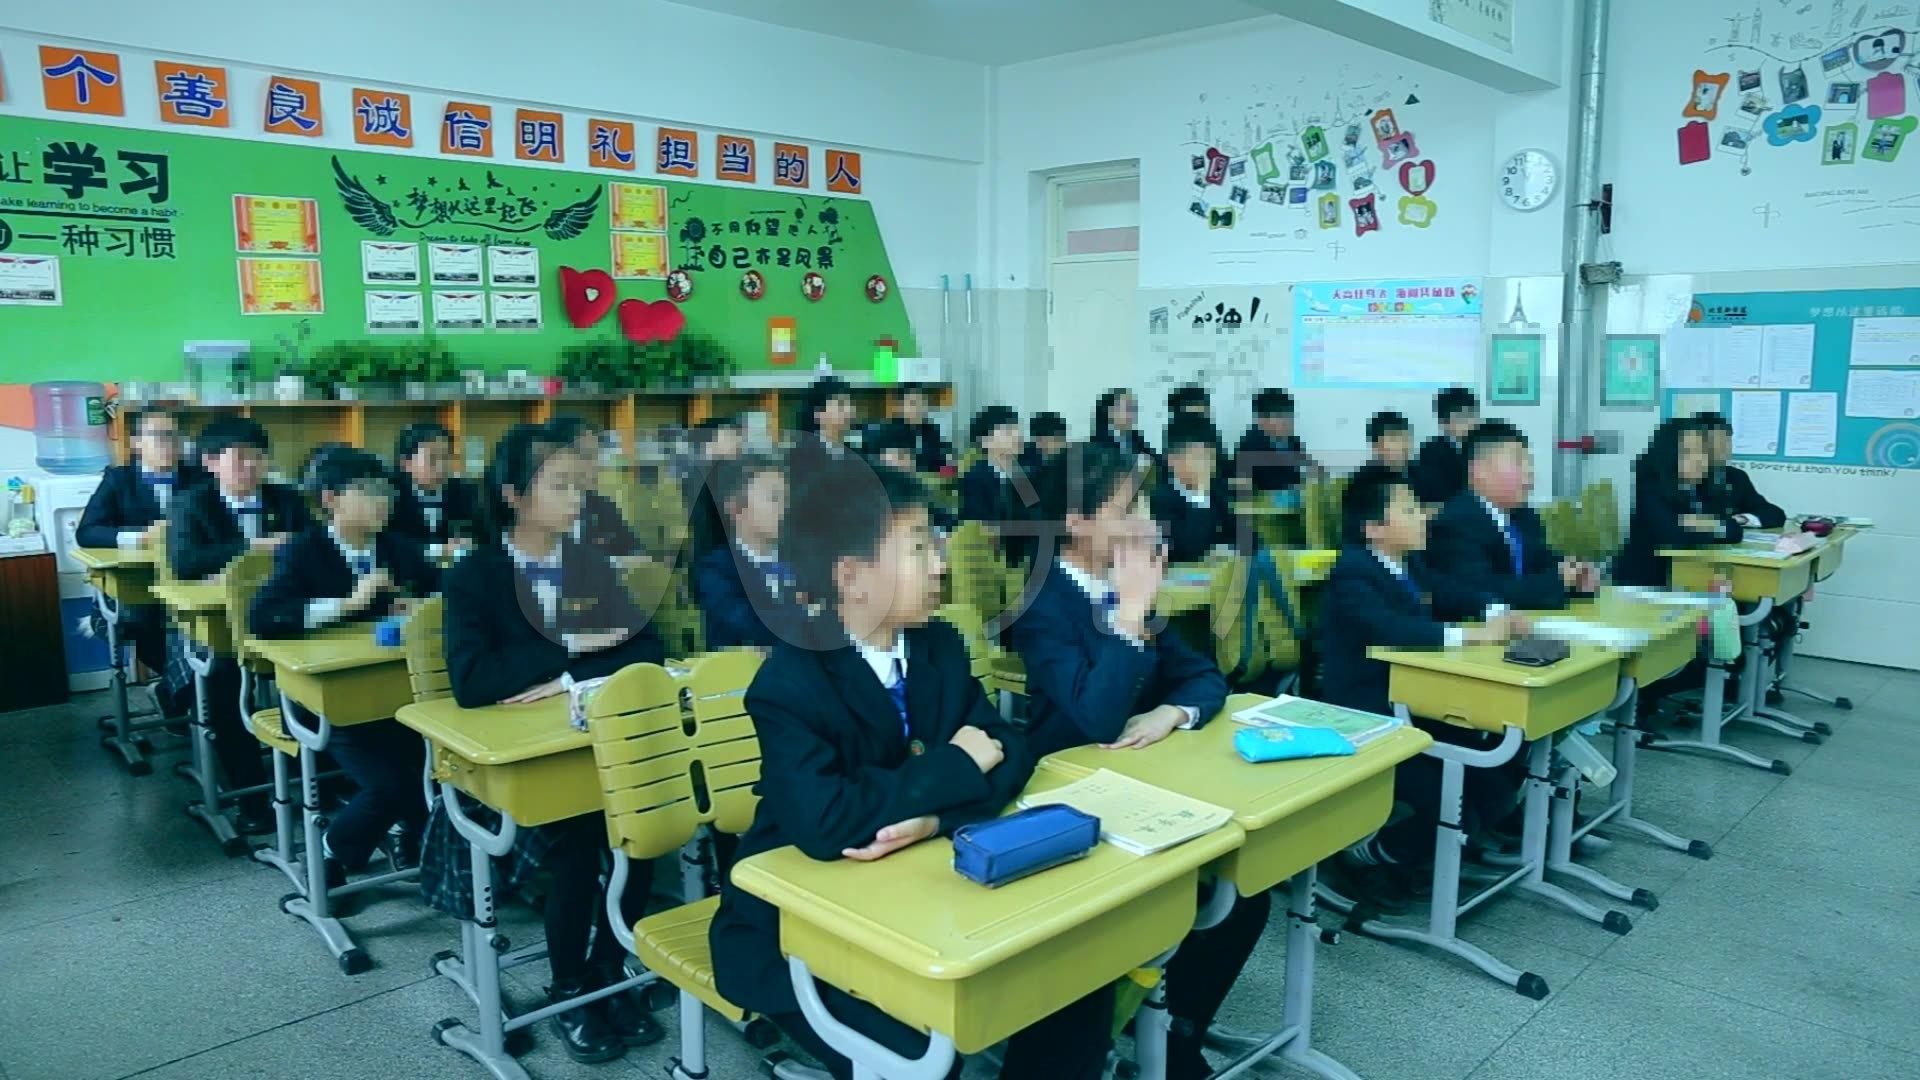 中小学校园读书多彩社团活动下载素材_6实拍战舰少女小学生图片